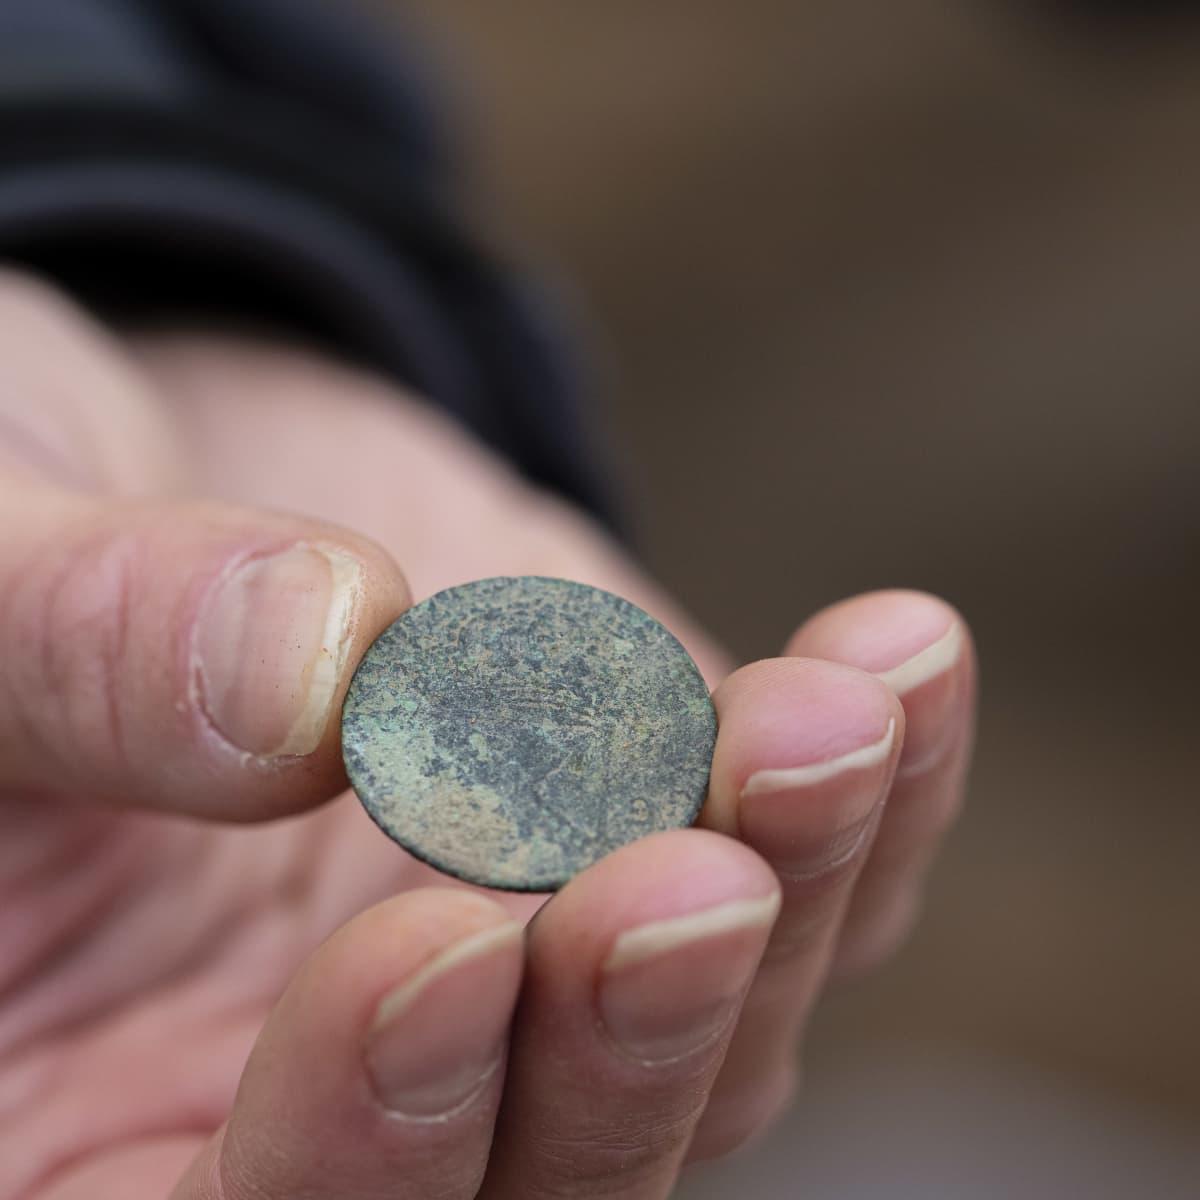 Ruotsalainen kolikko on kärsinyt pahoin, mutta tutkijan mukaan alkuperän vielä tunnistaa.